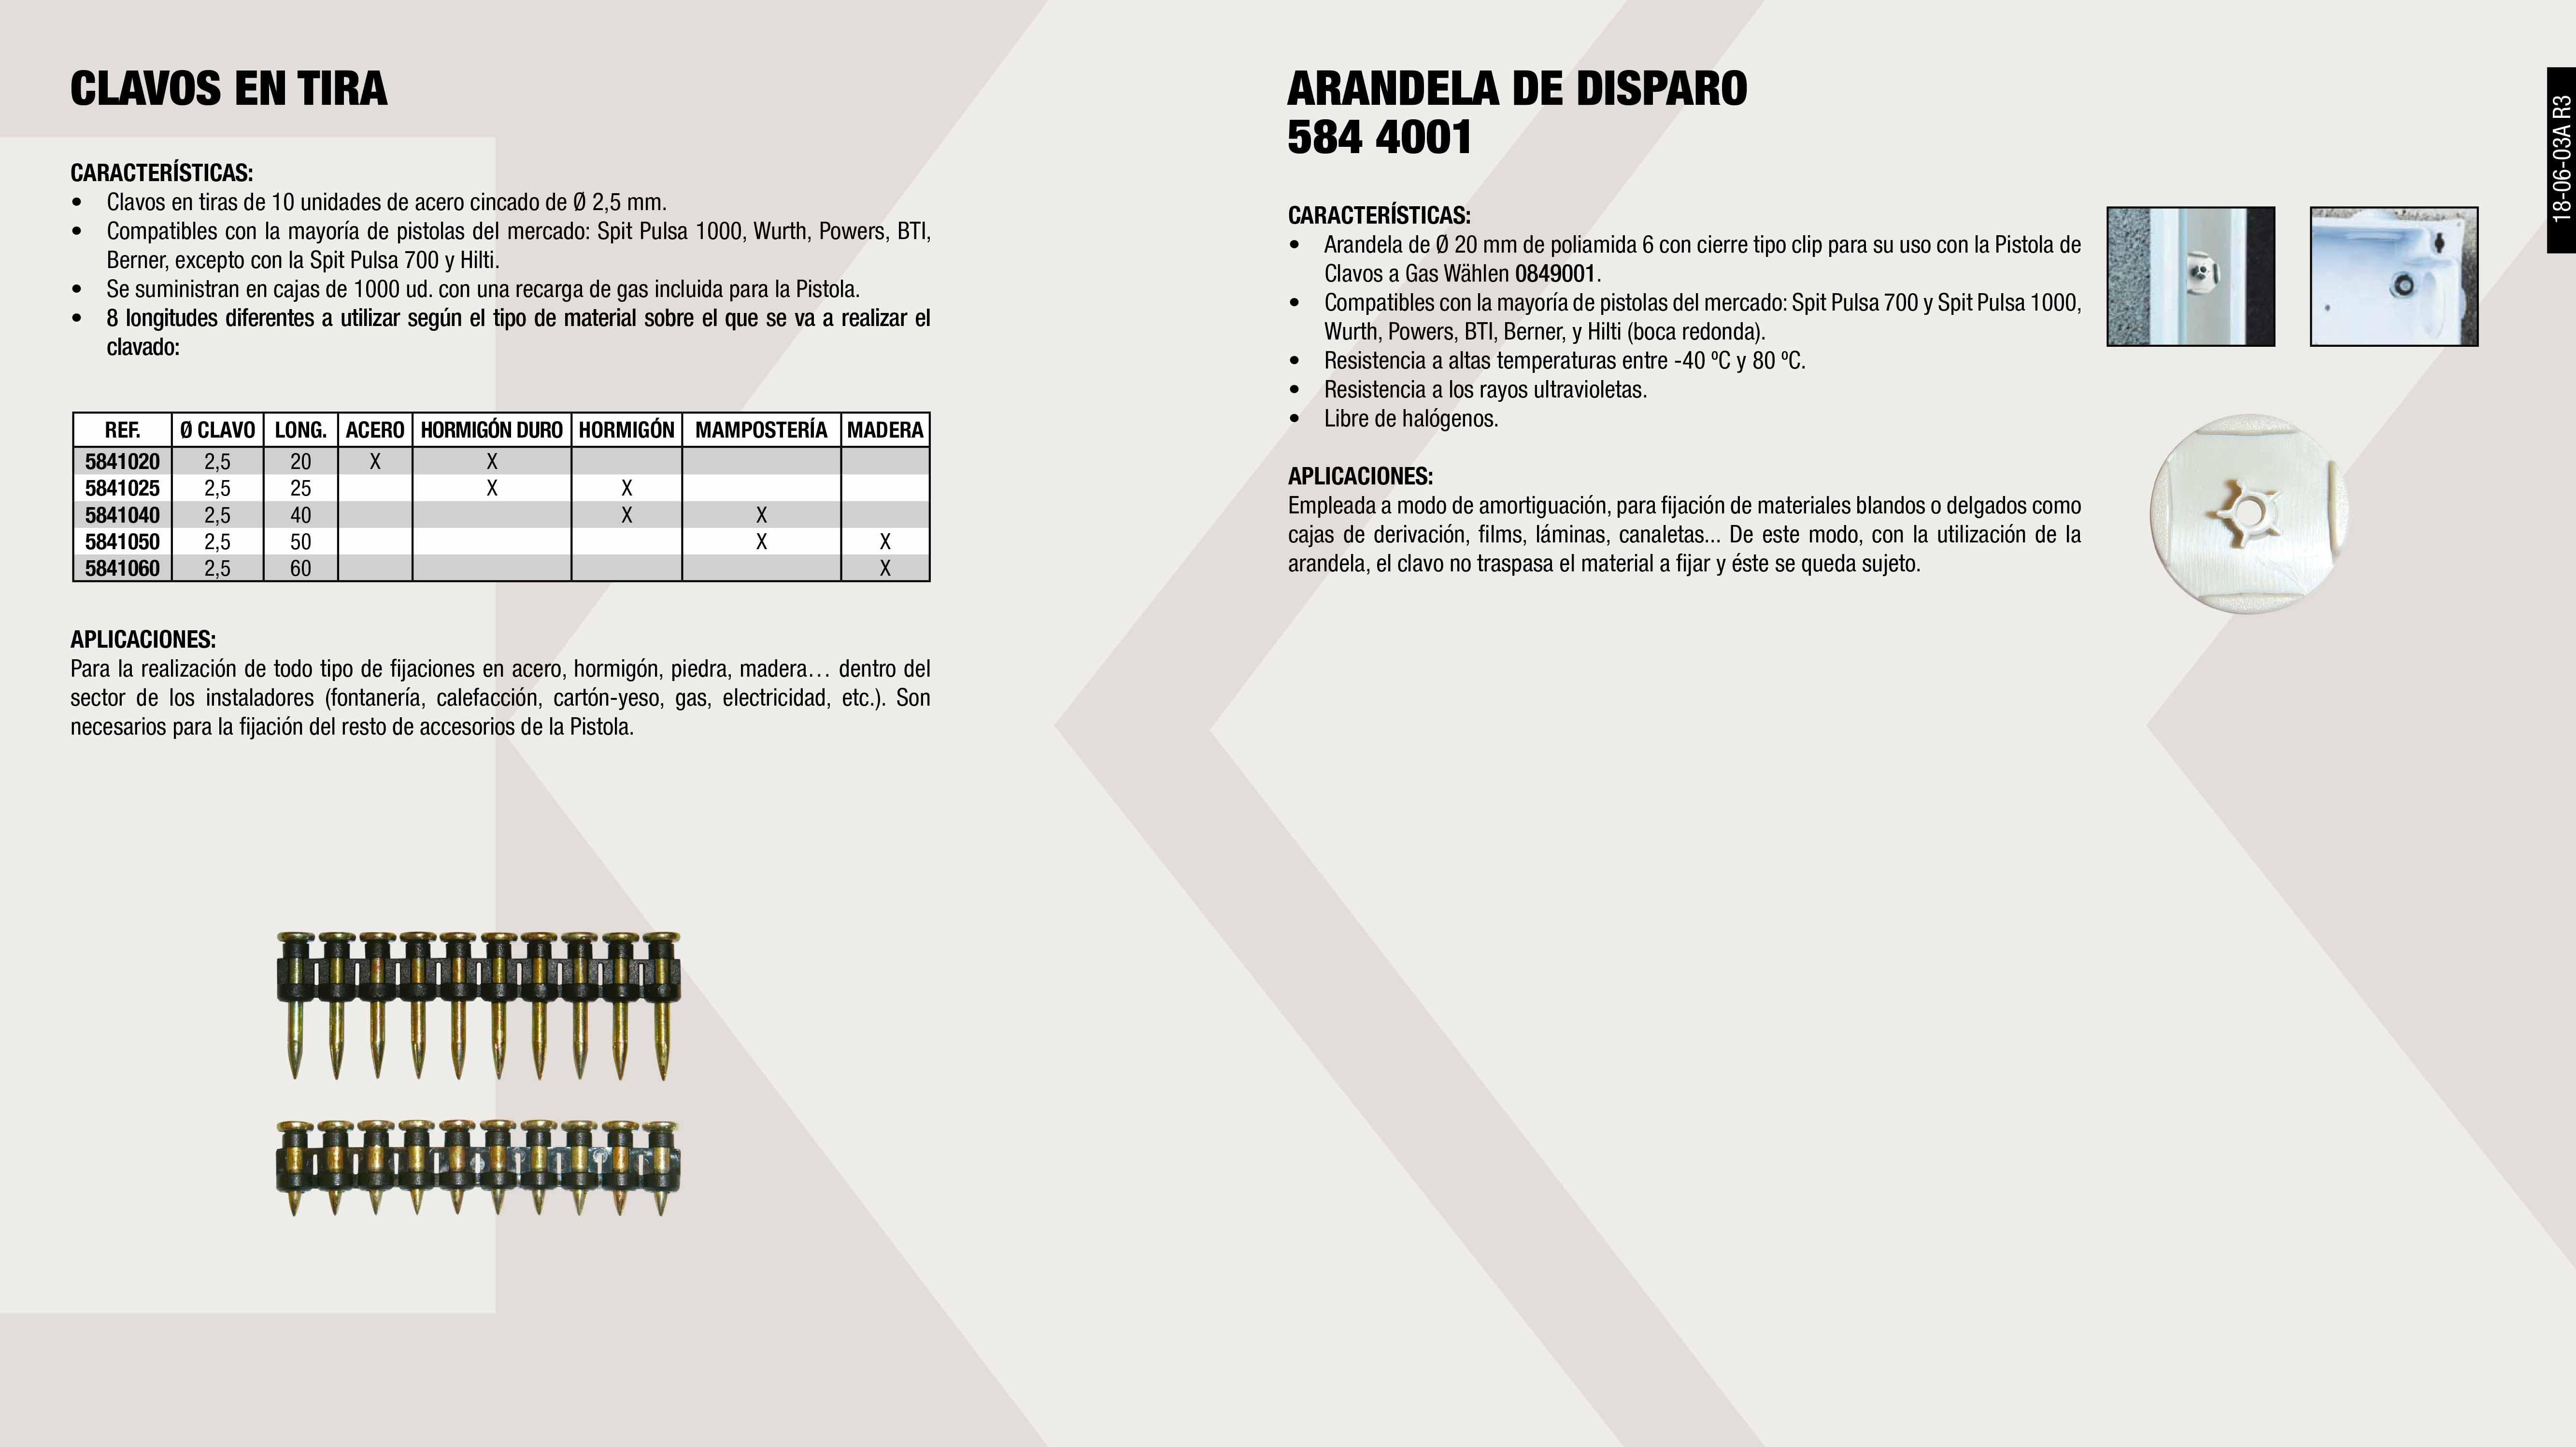 CAJA 1000 CLAVOS 20MM+RECARGA (0849001)                     ,  RECARGA BOTELLA GAS (0849001)                               ,  CAJA 1000 CLAVOS 30MM+RECARGA (0849001)                     ,  CAJA 1000 CLAVOS 40MM+RECARGA (0849001)                     ,  CAJA 1000 CLAVOS 25MM+RECARGA (0849001)                     ,  CAJA 1000 CLAVOS 50MM+RECARGA (0849001)                     ,  ARANDELA GRIS (0849001)                                     ,  CAJA 1000 CLAVOS 60MM+RECARGA (0849001)                     ,  CAJA 1000 CLAVOS 35MM+RECARGA (0849001)                     ,